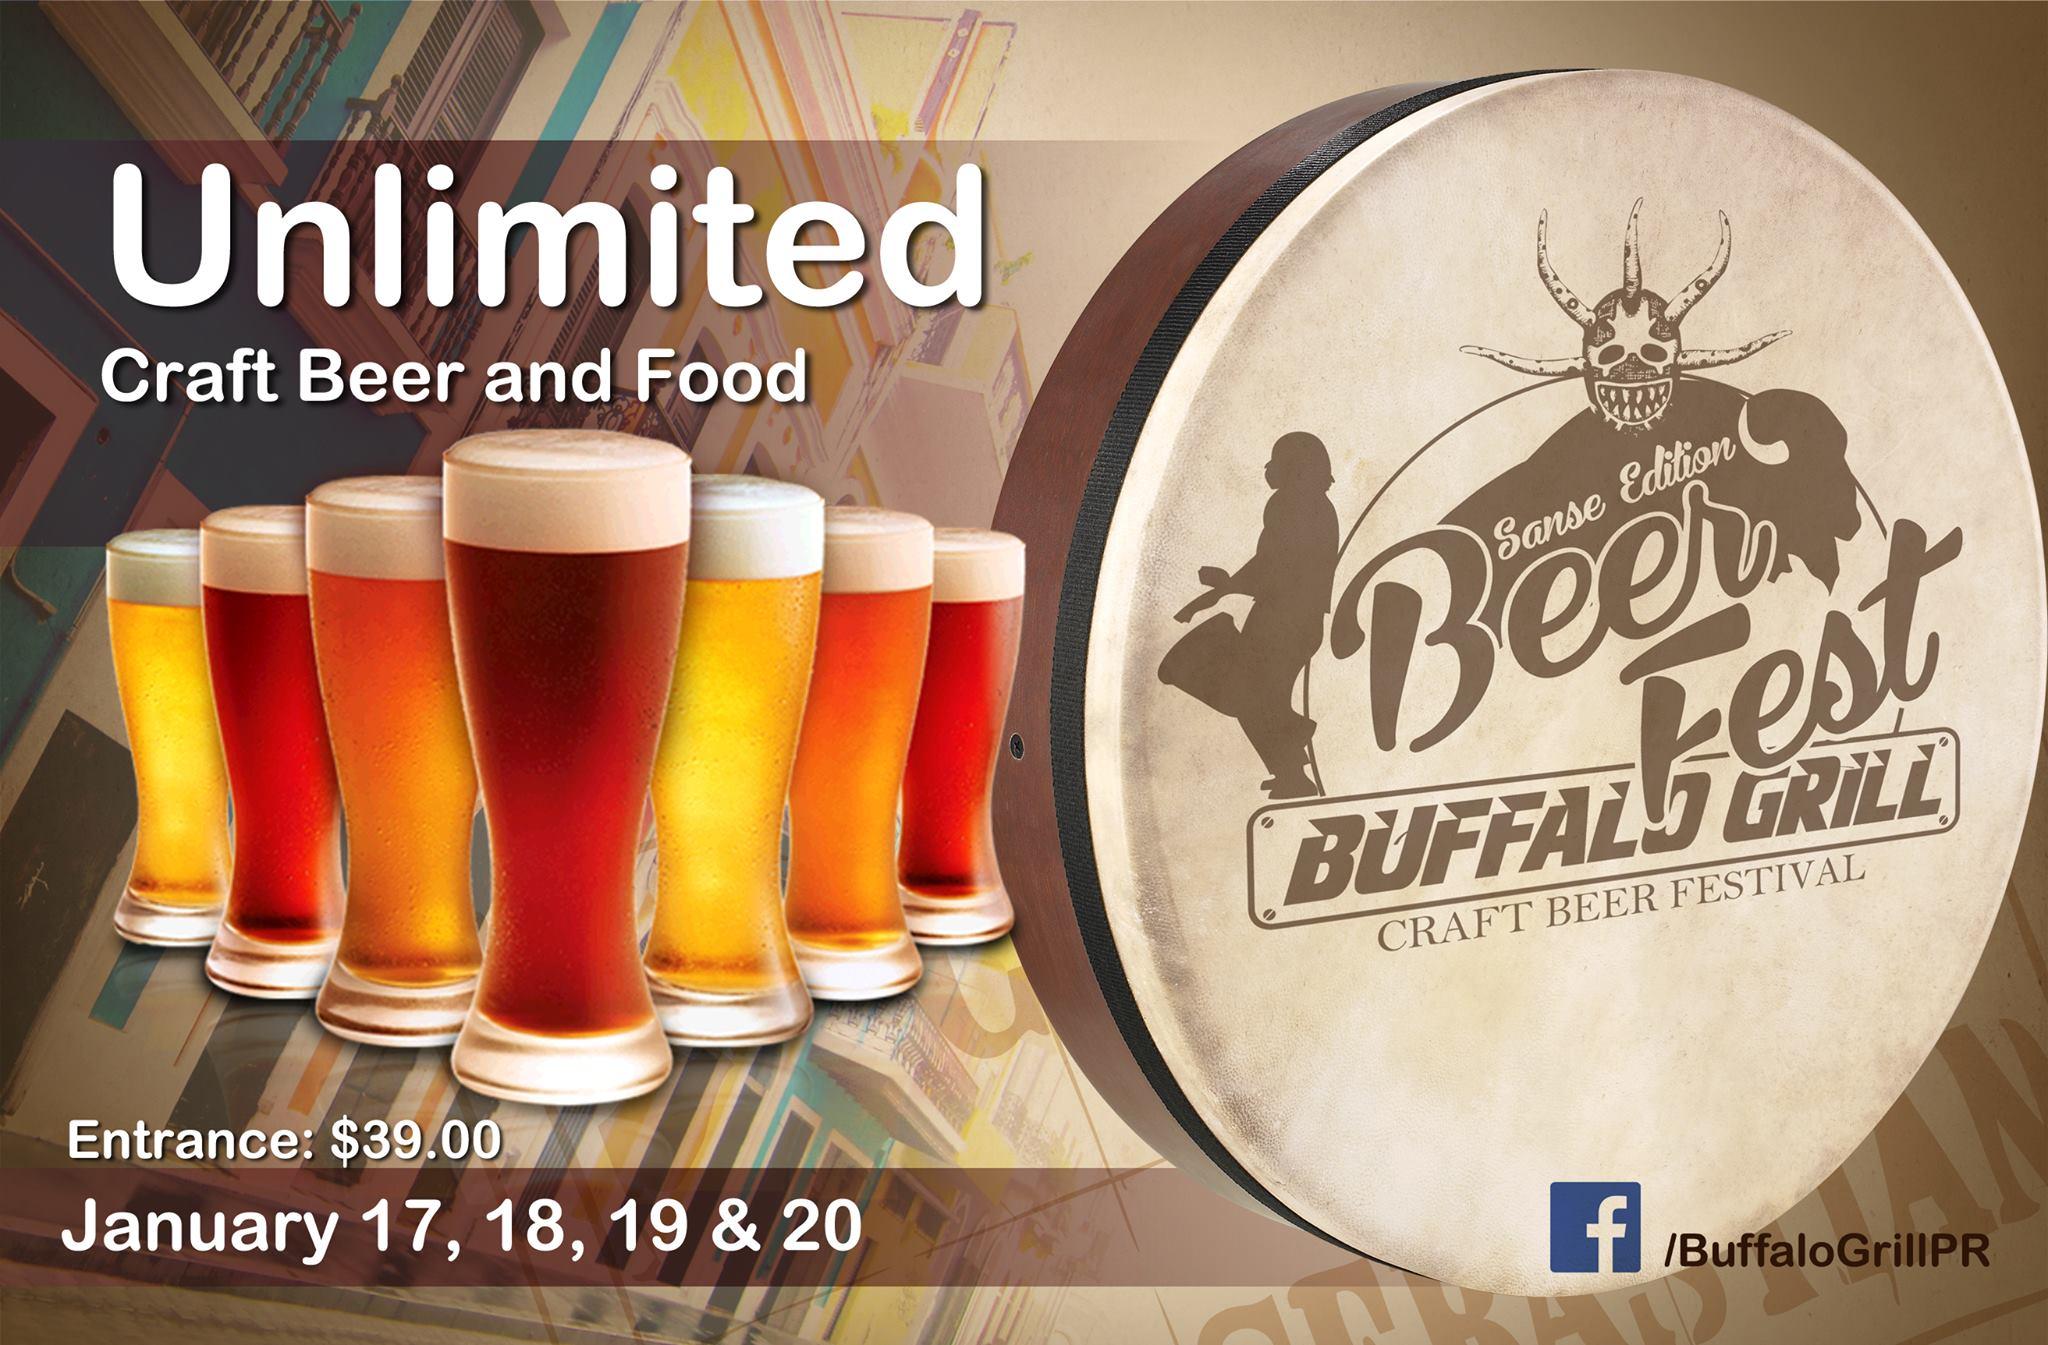 Imagen: Buffalo Grill